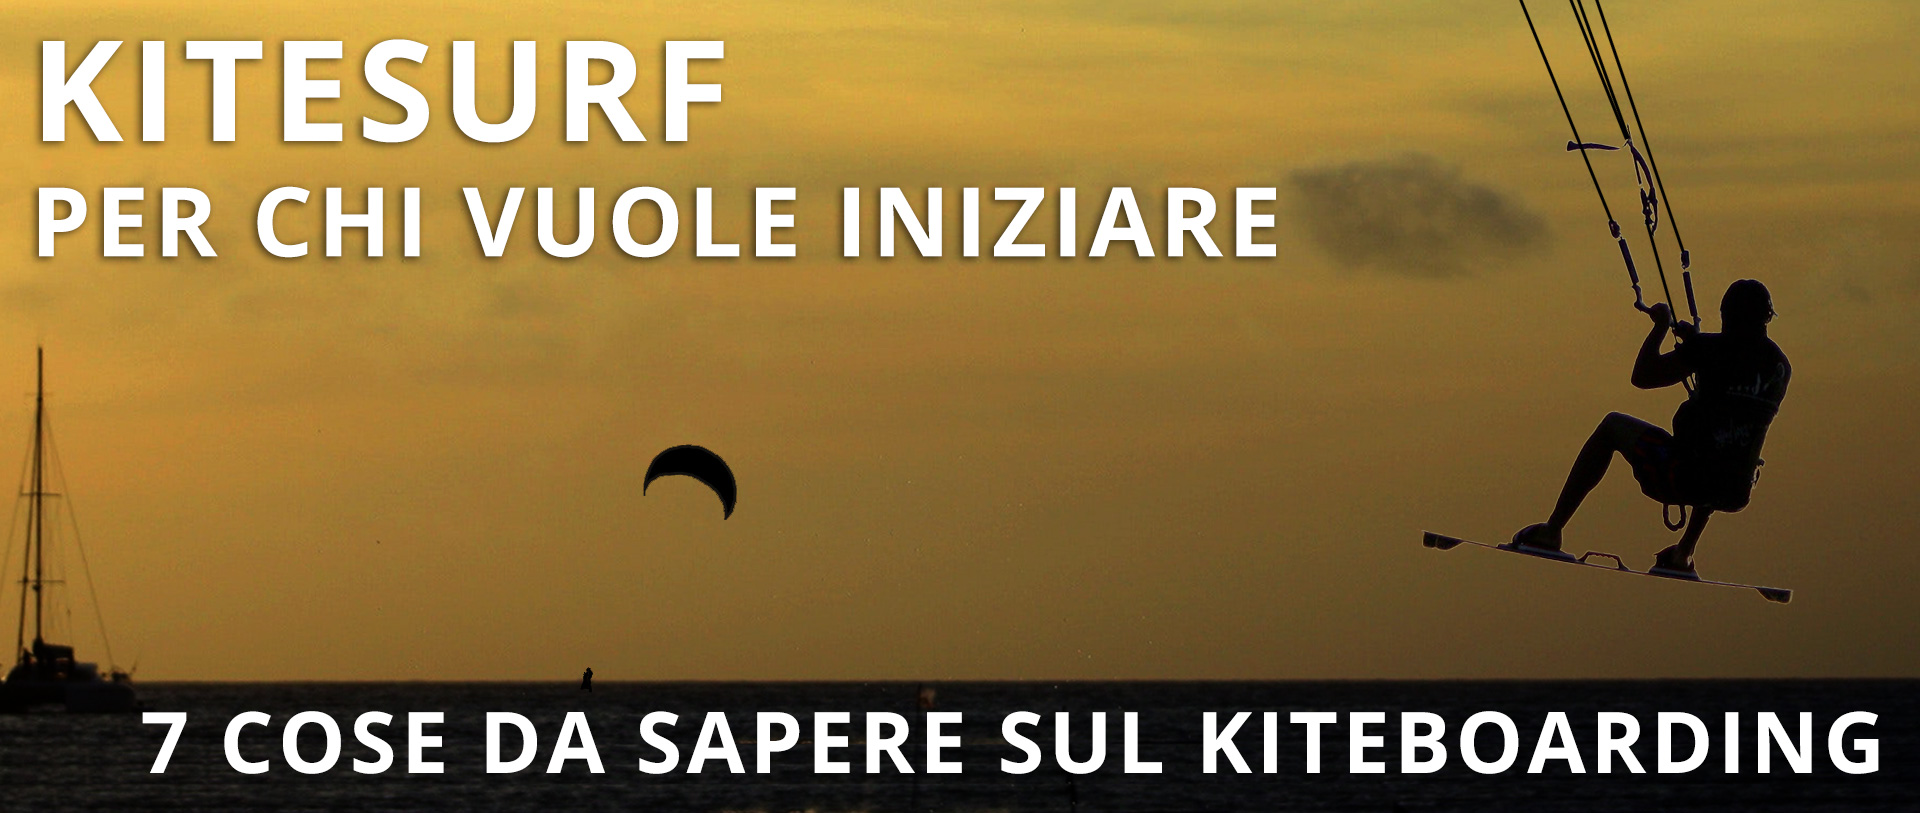 Kitesurf per chi vuole iniziare: 7 cose da sapere sul kiteboarding